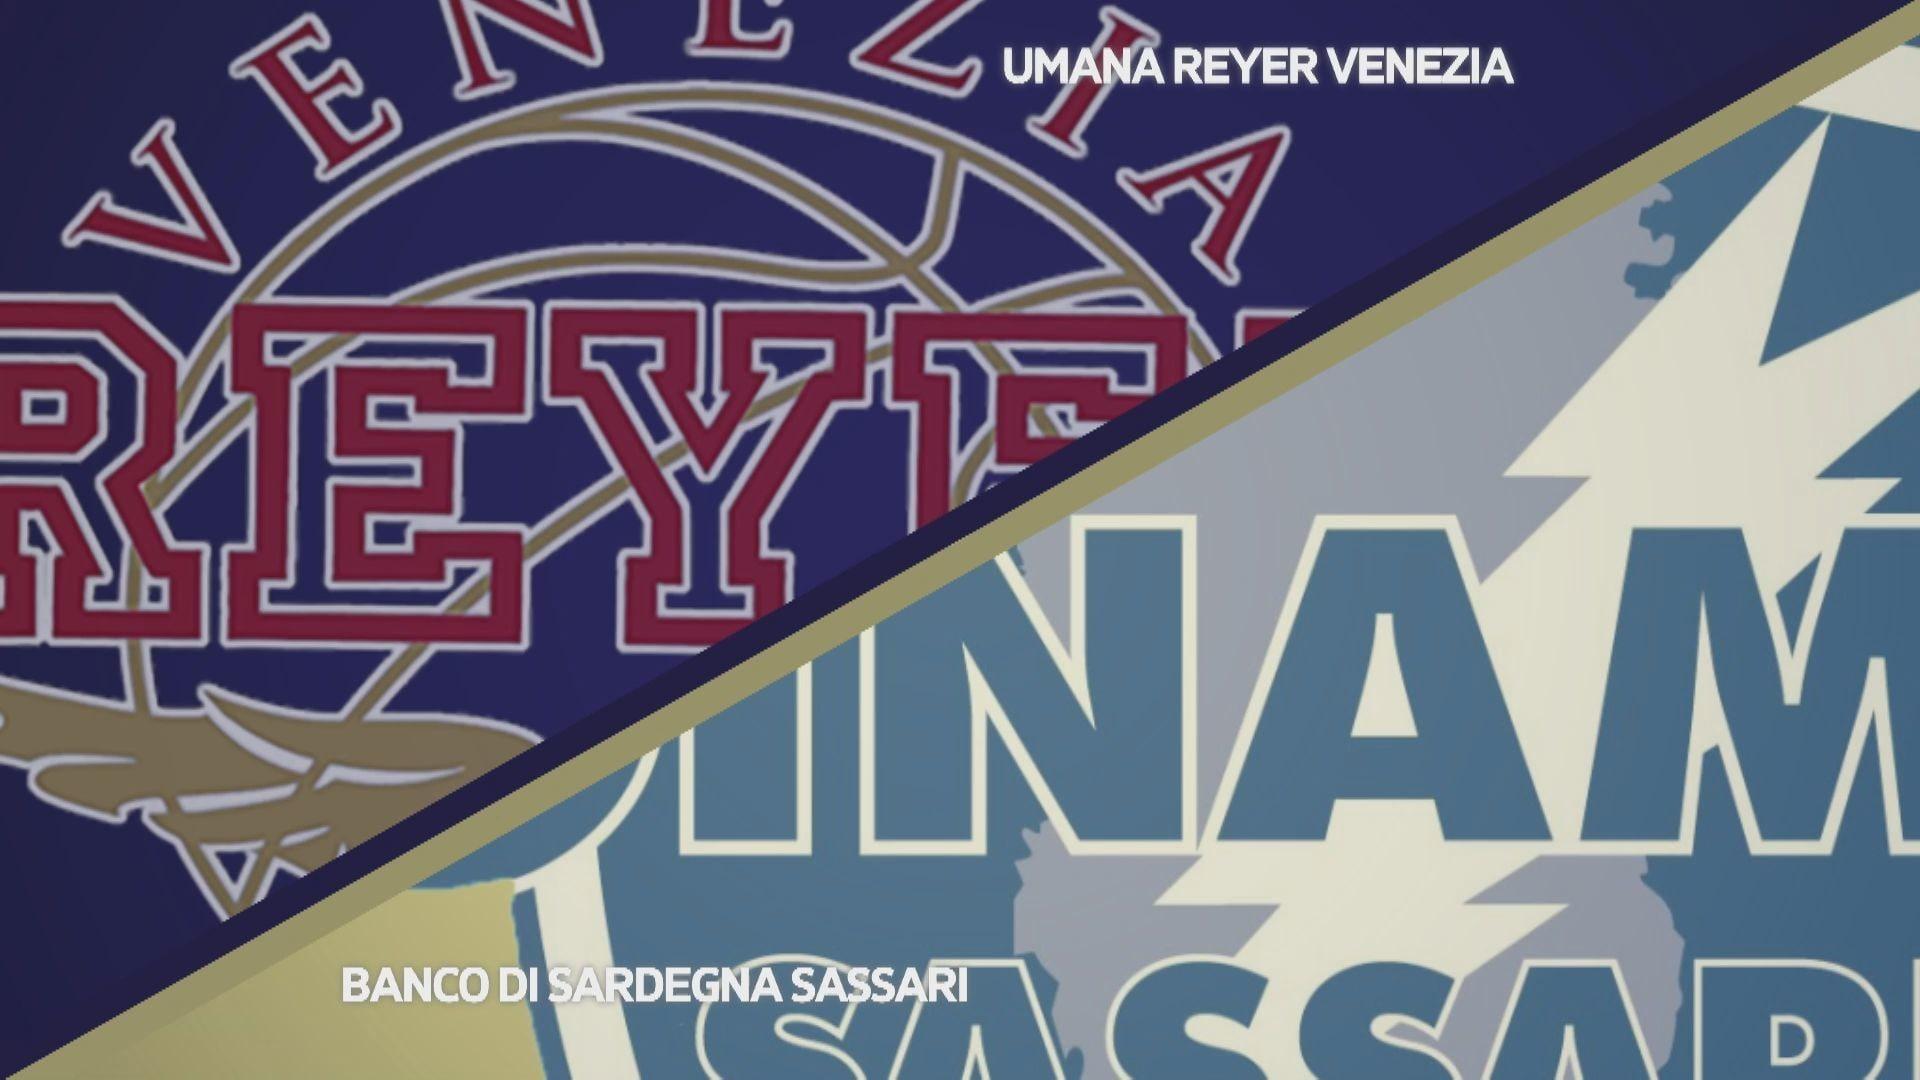 Umana Reyer Venezia - Banco di Sardegna Sassari 55-54